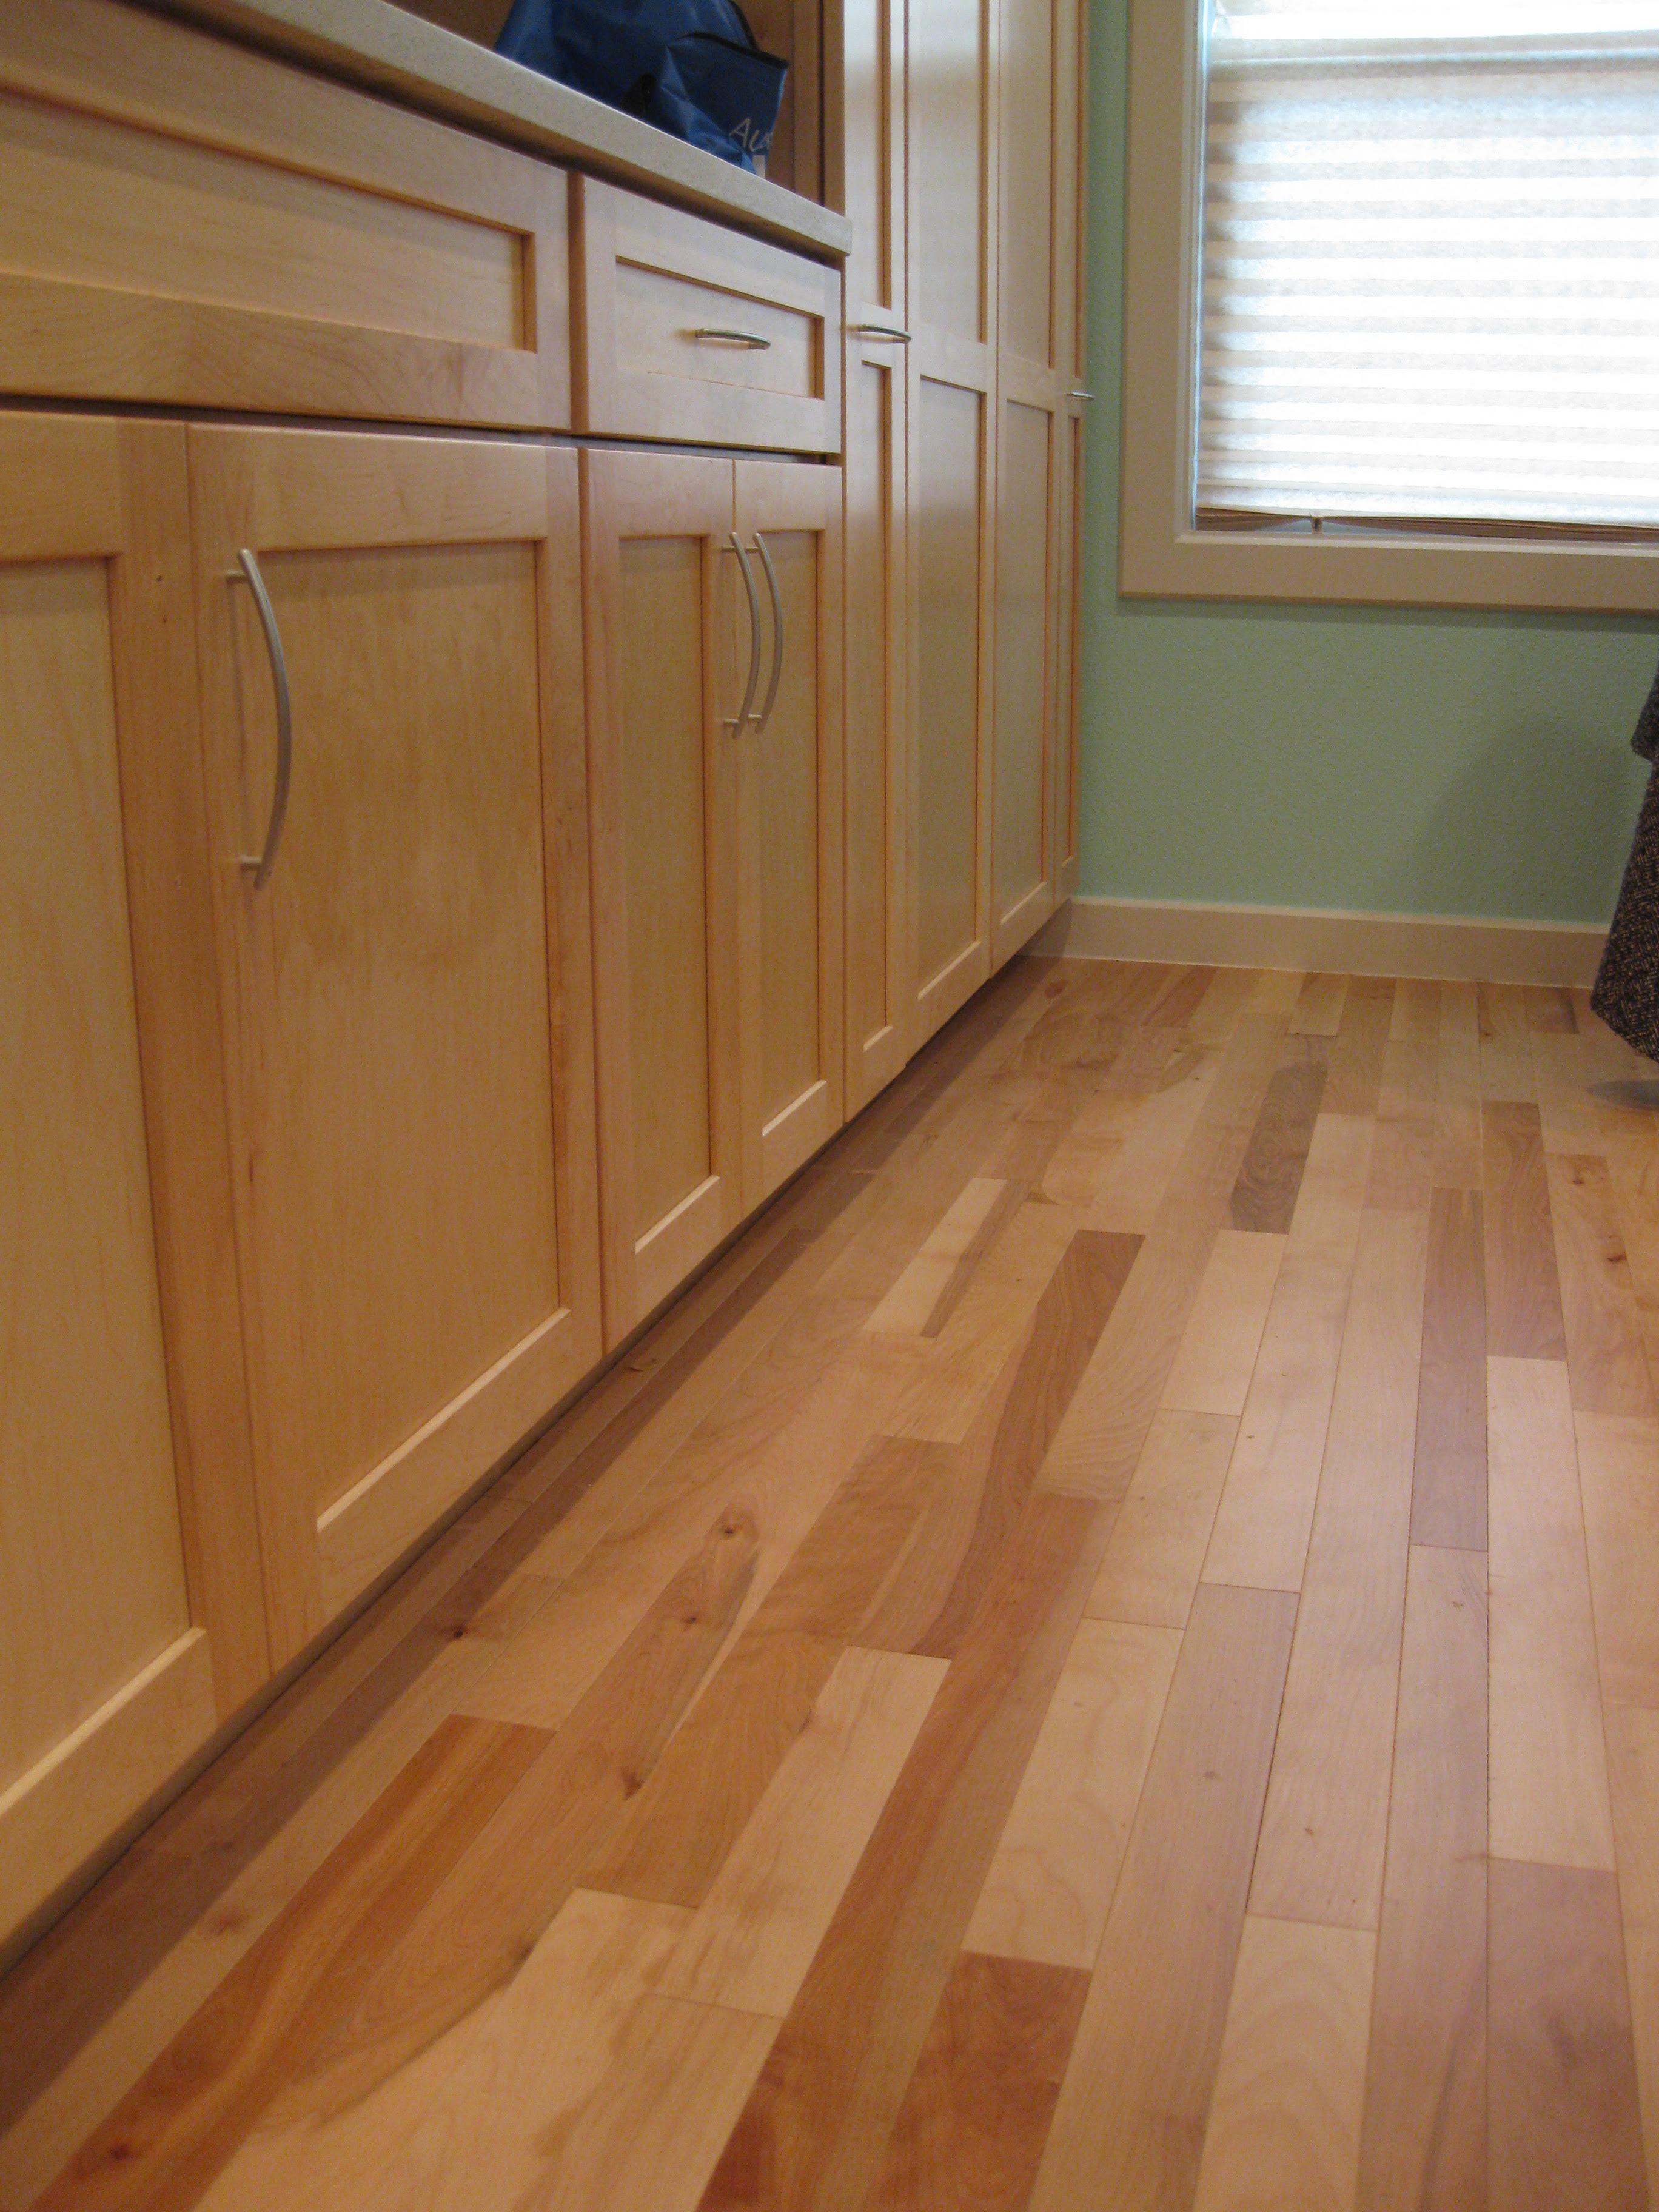 Vinyl Flooring for Kitchen Floors